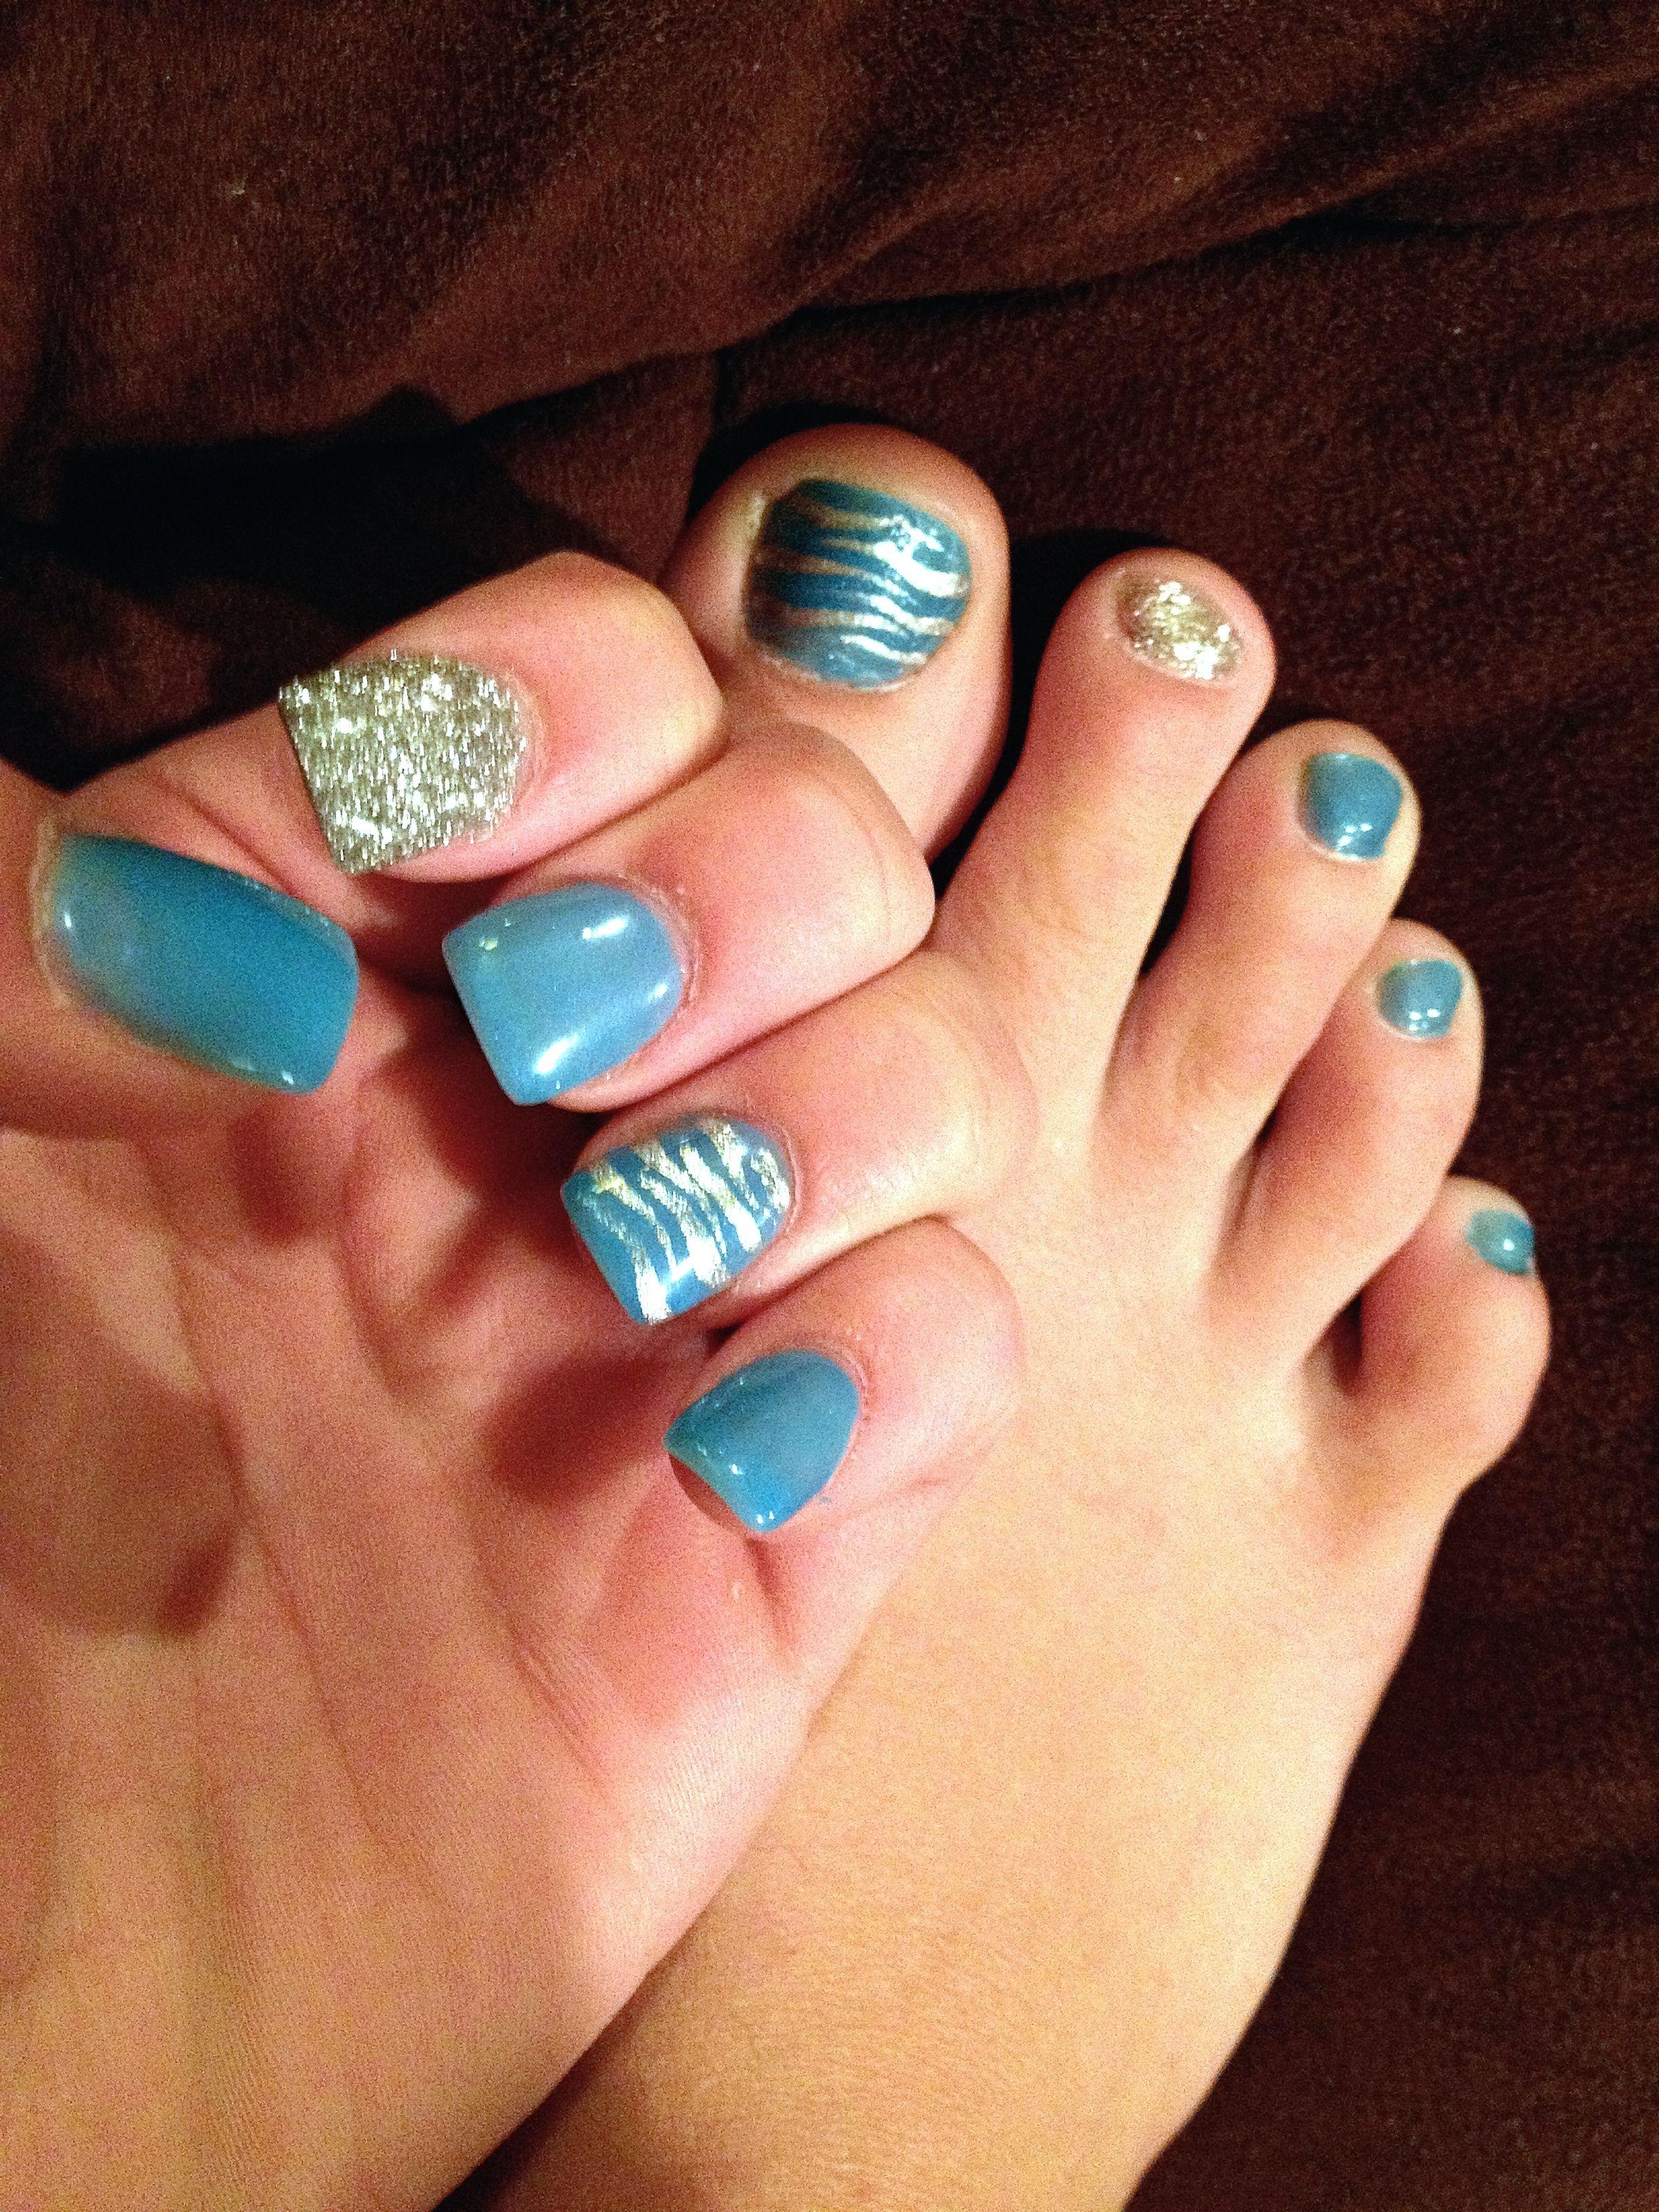 Matching Acrylic nails & toe\'s | Nails and makeup | Pinterest | Mani ...